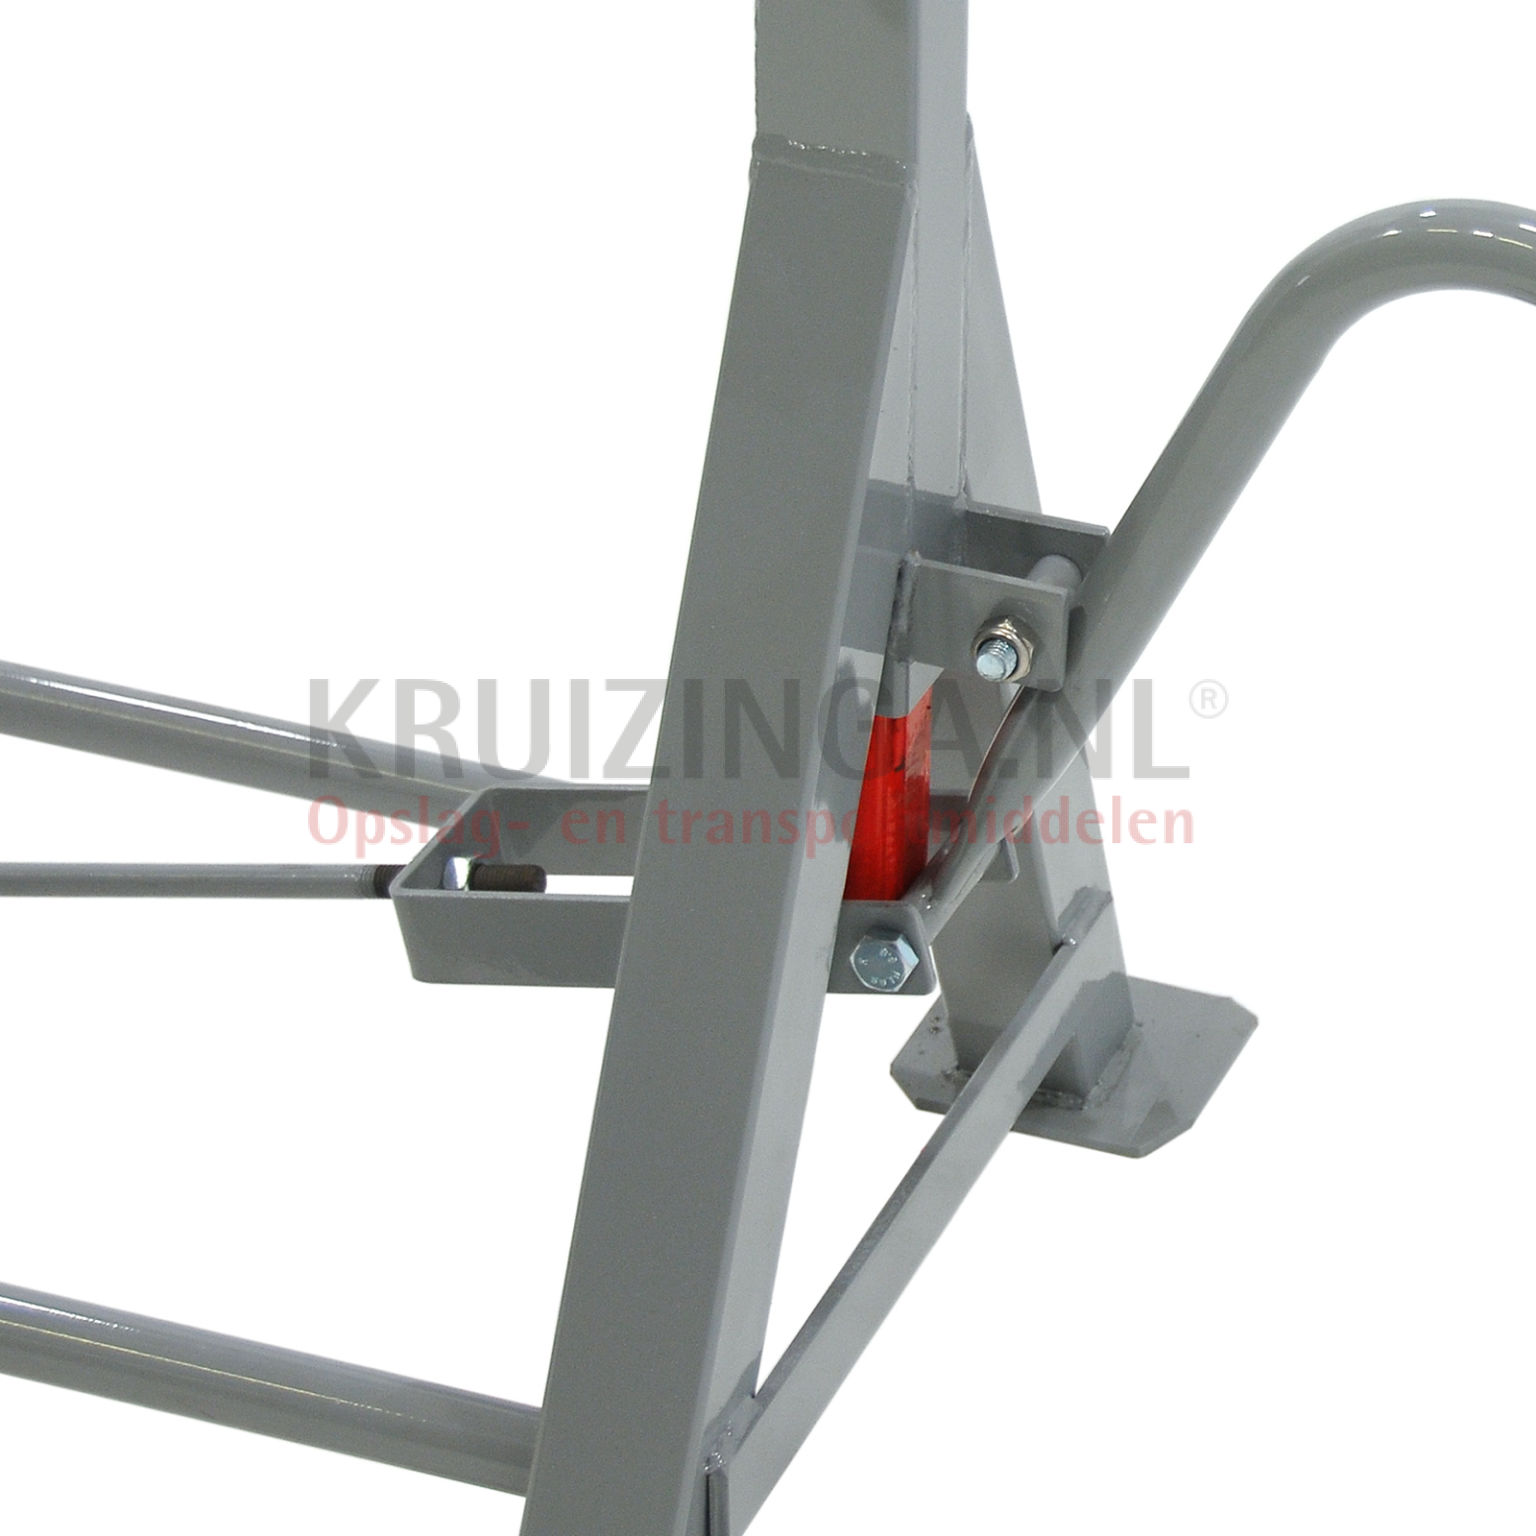 rampe mobile support de chargement r glable en hauteurs diff rentes partir de 415 50 frais. Black Bedroom Furniture Sets. Home Design Ideas